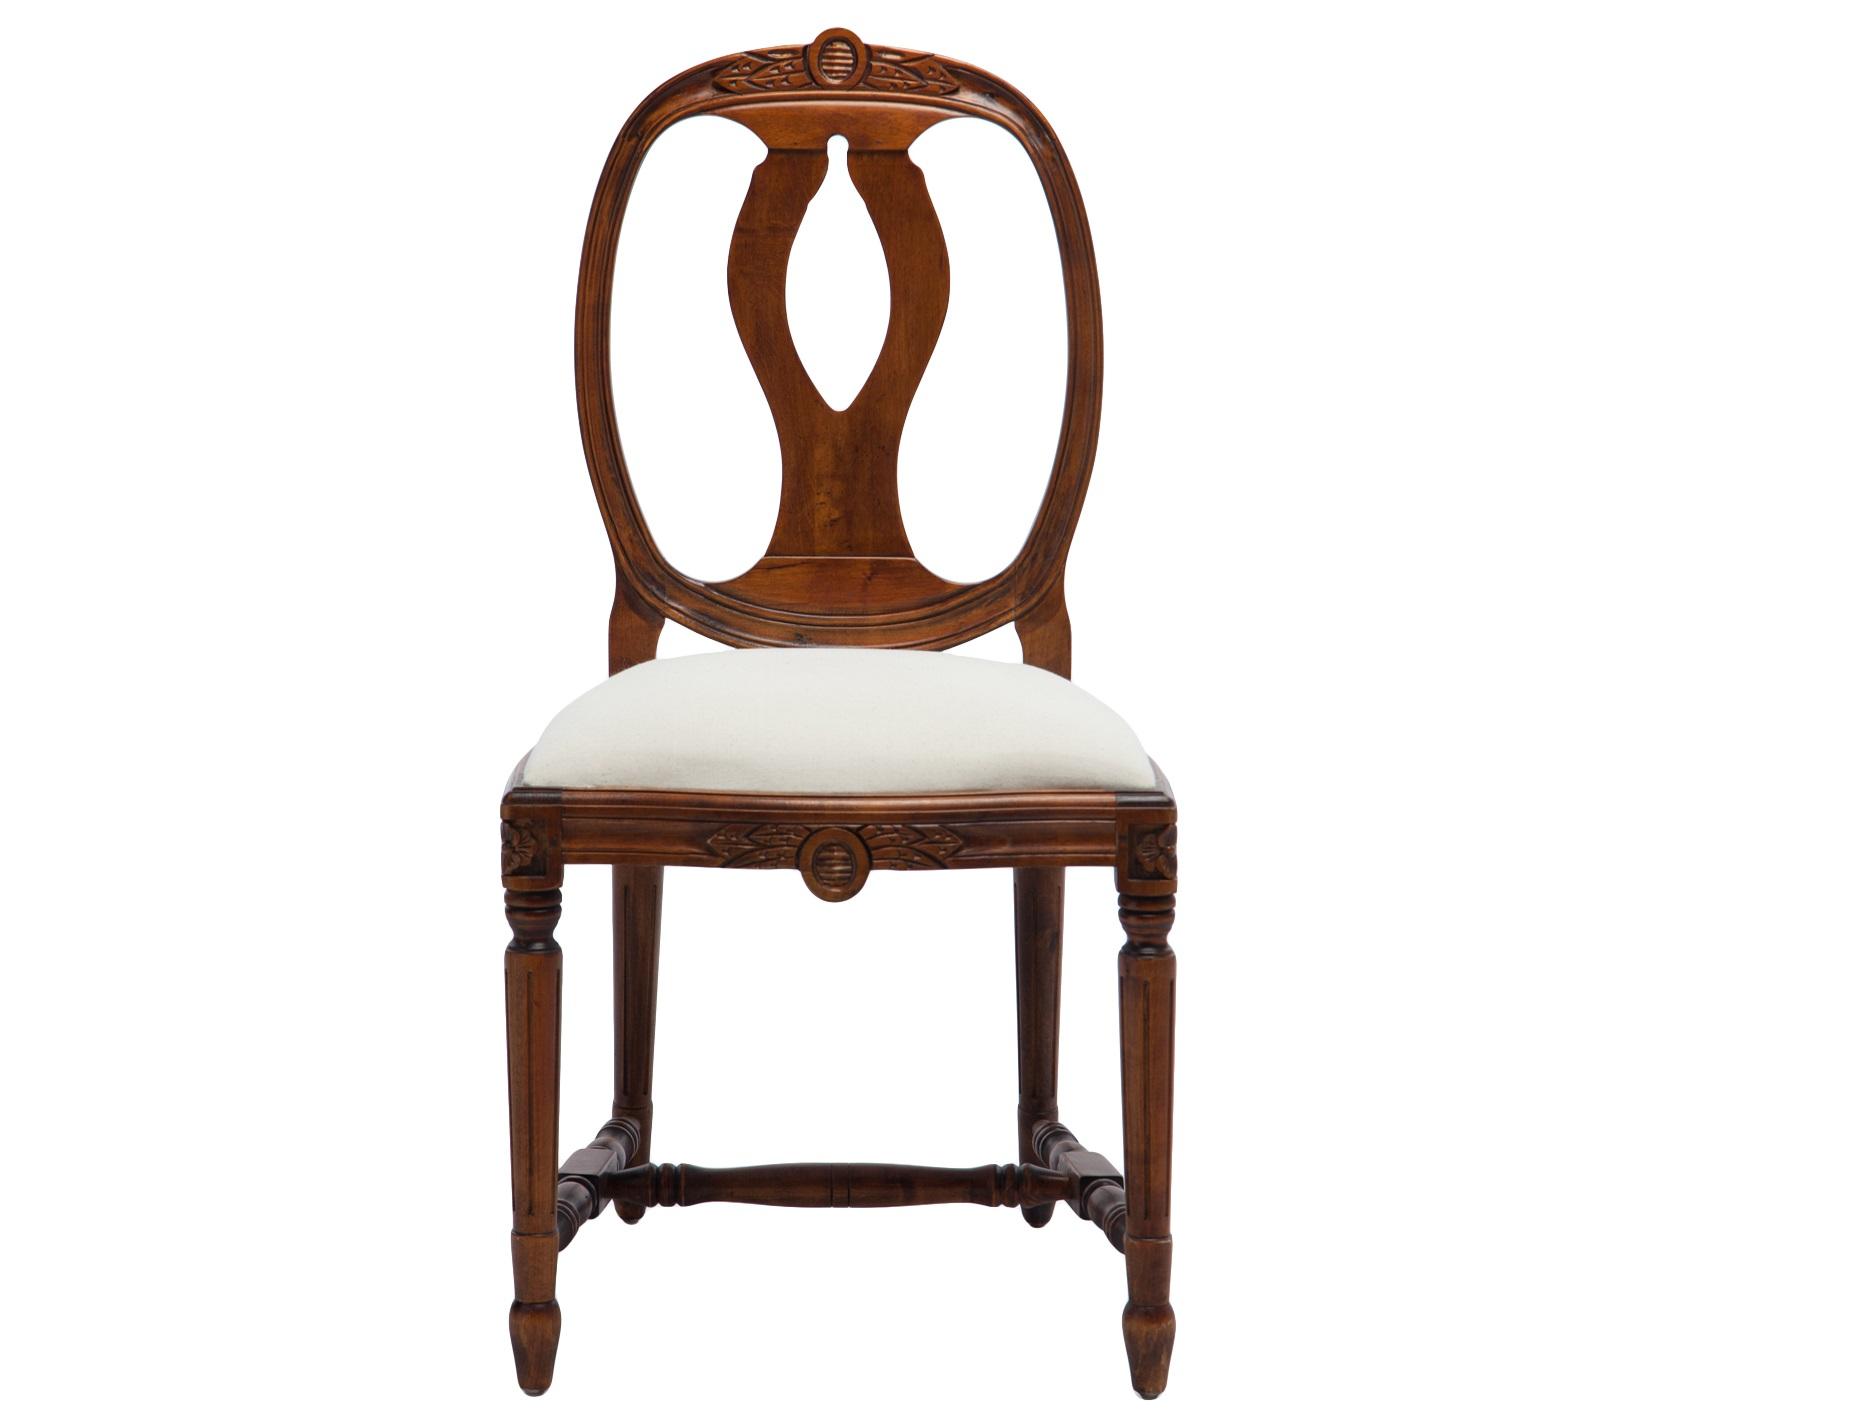 СтулОбеденные стулья<br>Стул из бука с однотонной обивкой на резных ножках, декорирован резьбой ручной работы.<br><br>Material: Бук<br>Ширина см: 49<br>Высота см: 95<br>Глубина см: 48